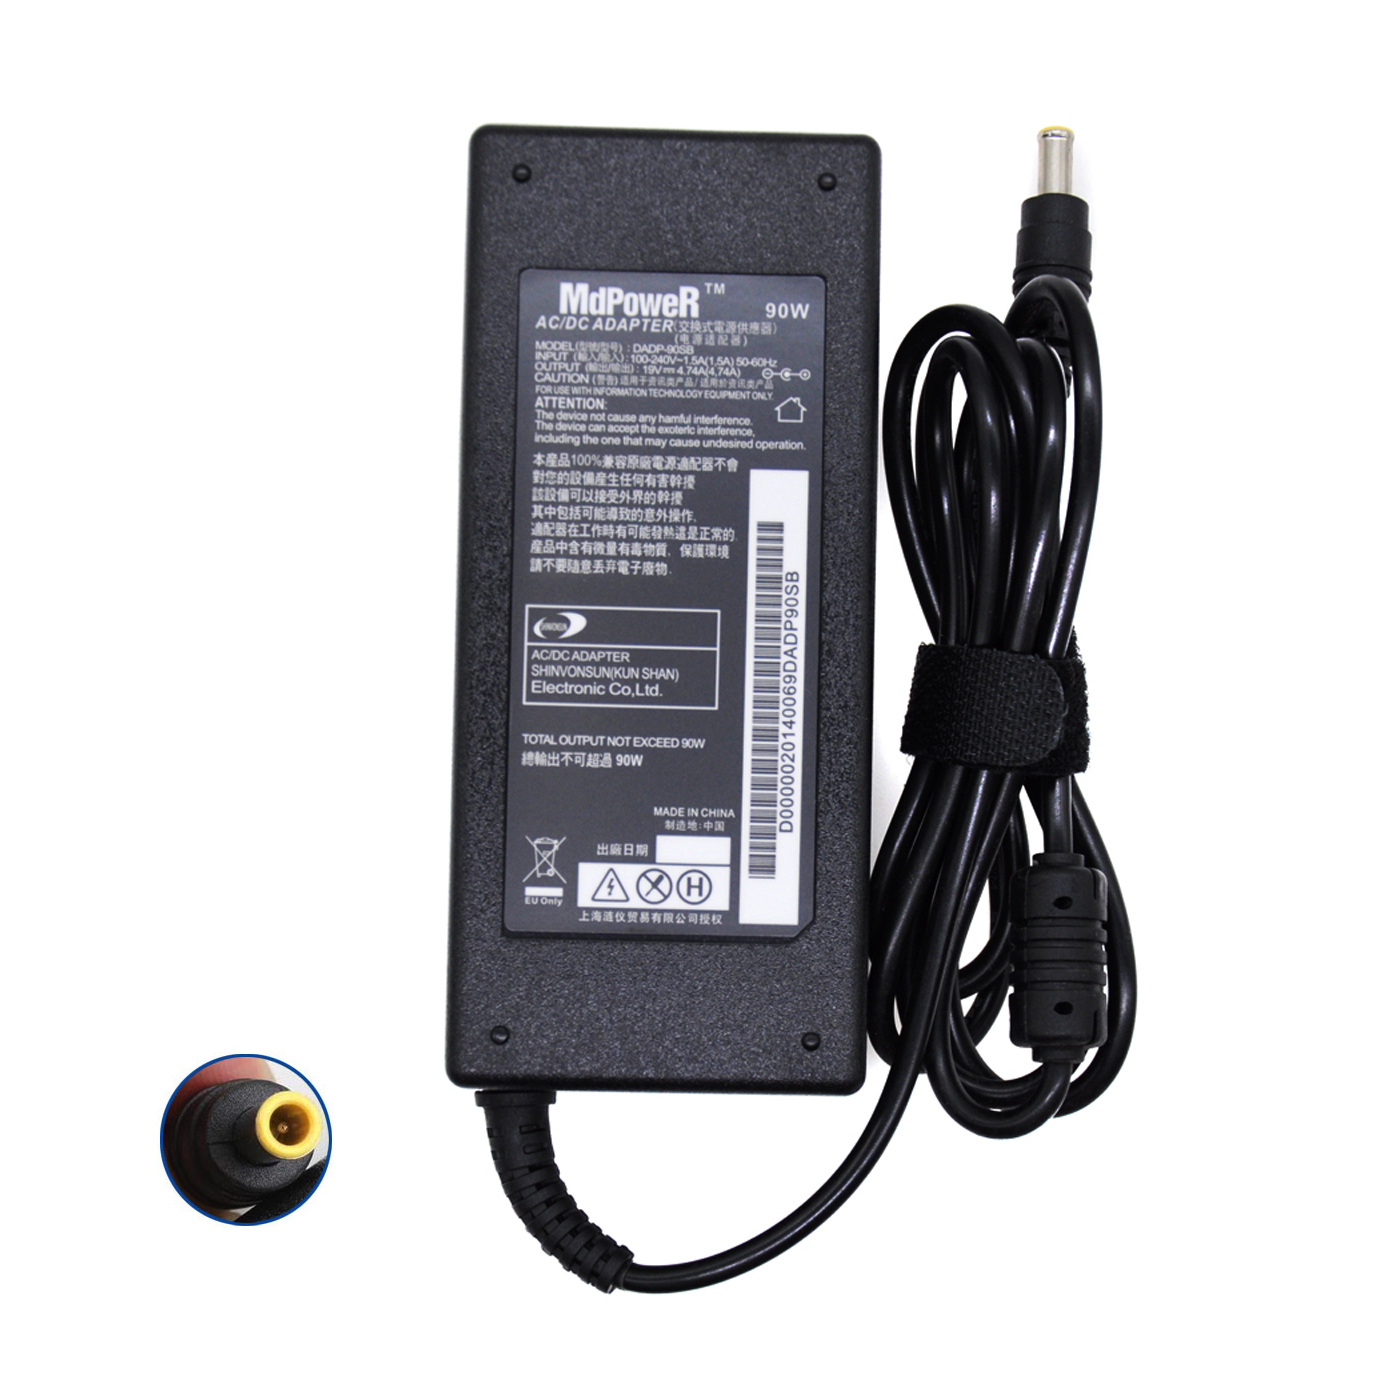 Para samsung RF511 RF710 RF711 RF712 AD-9019S NP 770Z5E 780Z5E 870Z5E 19V 4.74A 870Z5G fonte de alimentação portátil carregador adaptador AC